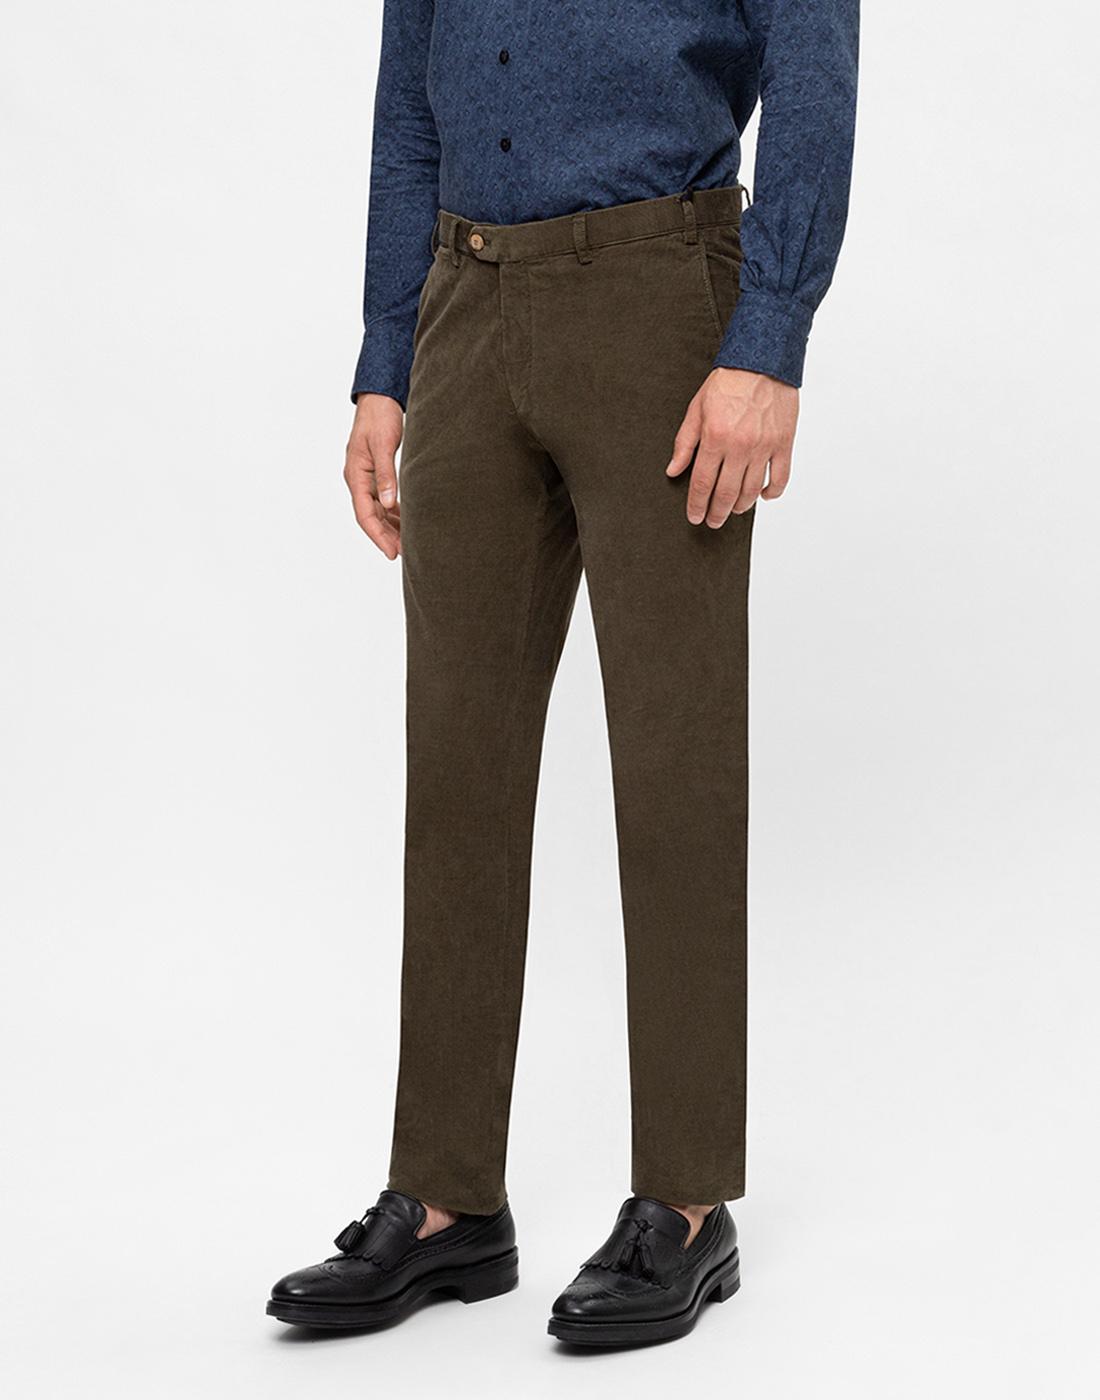 Мужские оливковые вельветовые брюки Hiltl  S72523 23 58300-3